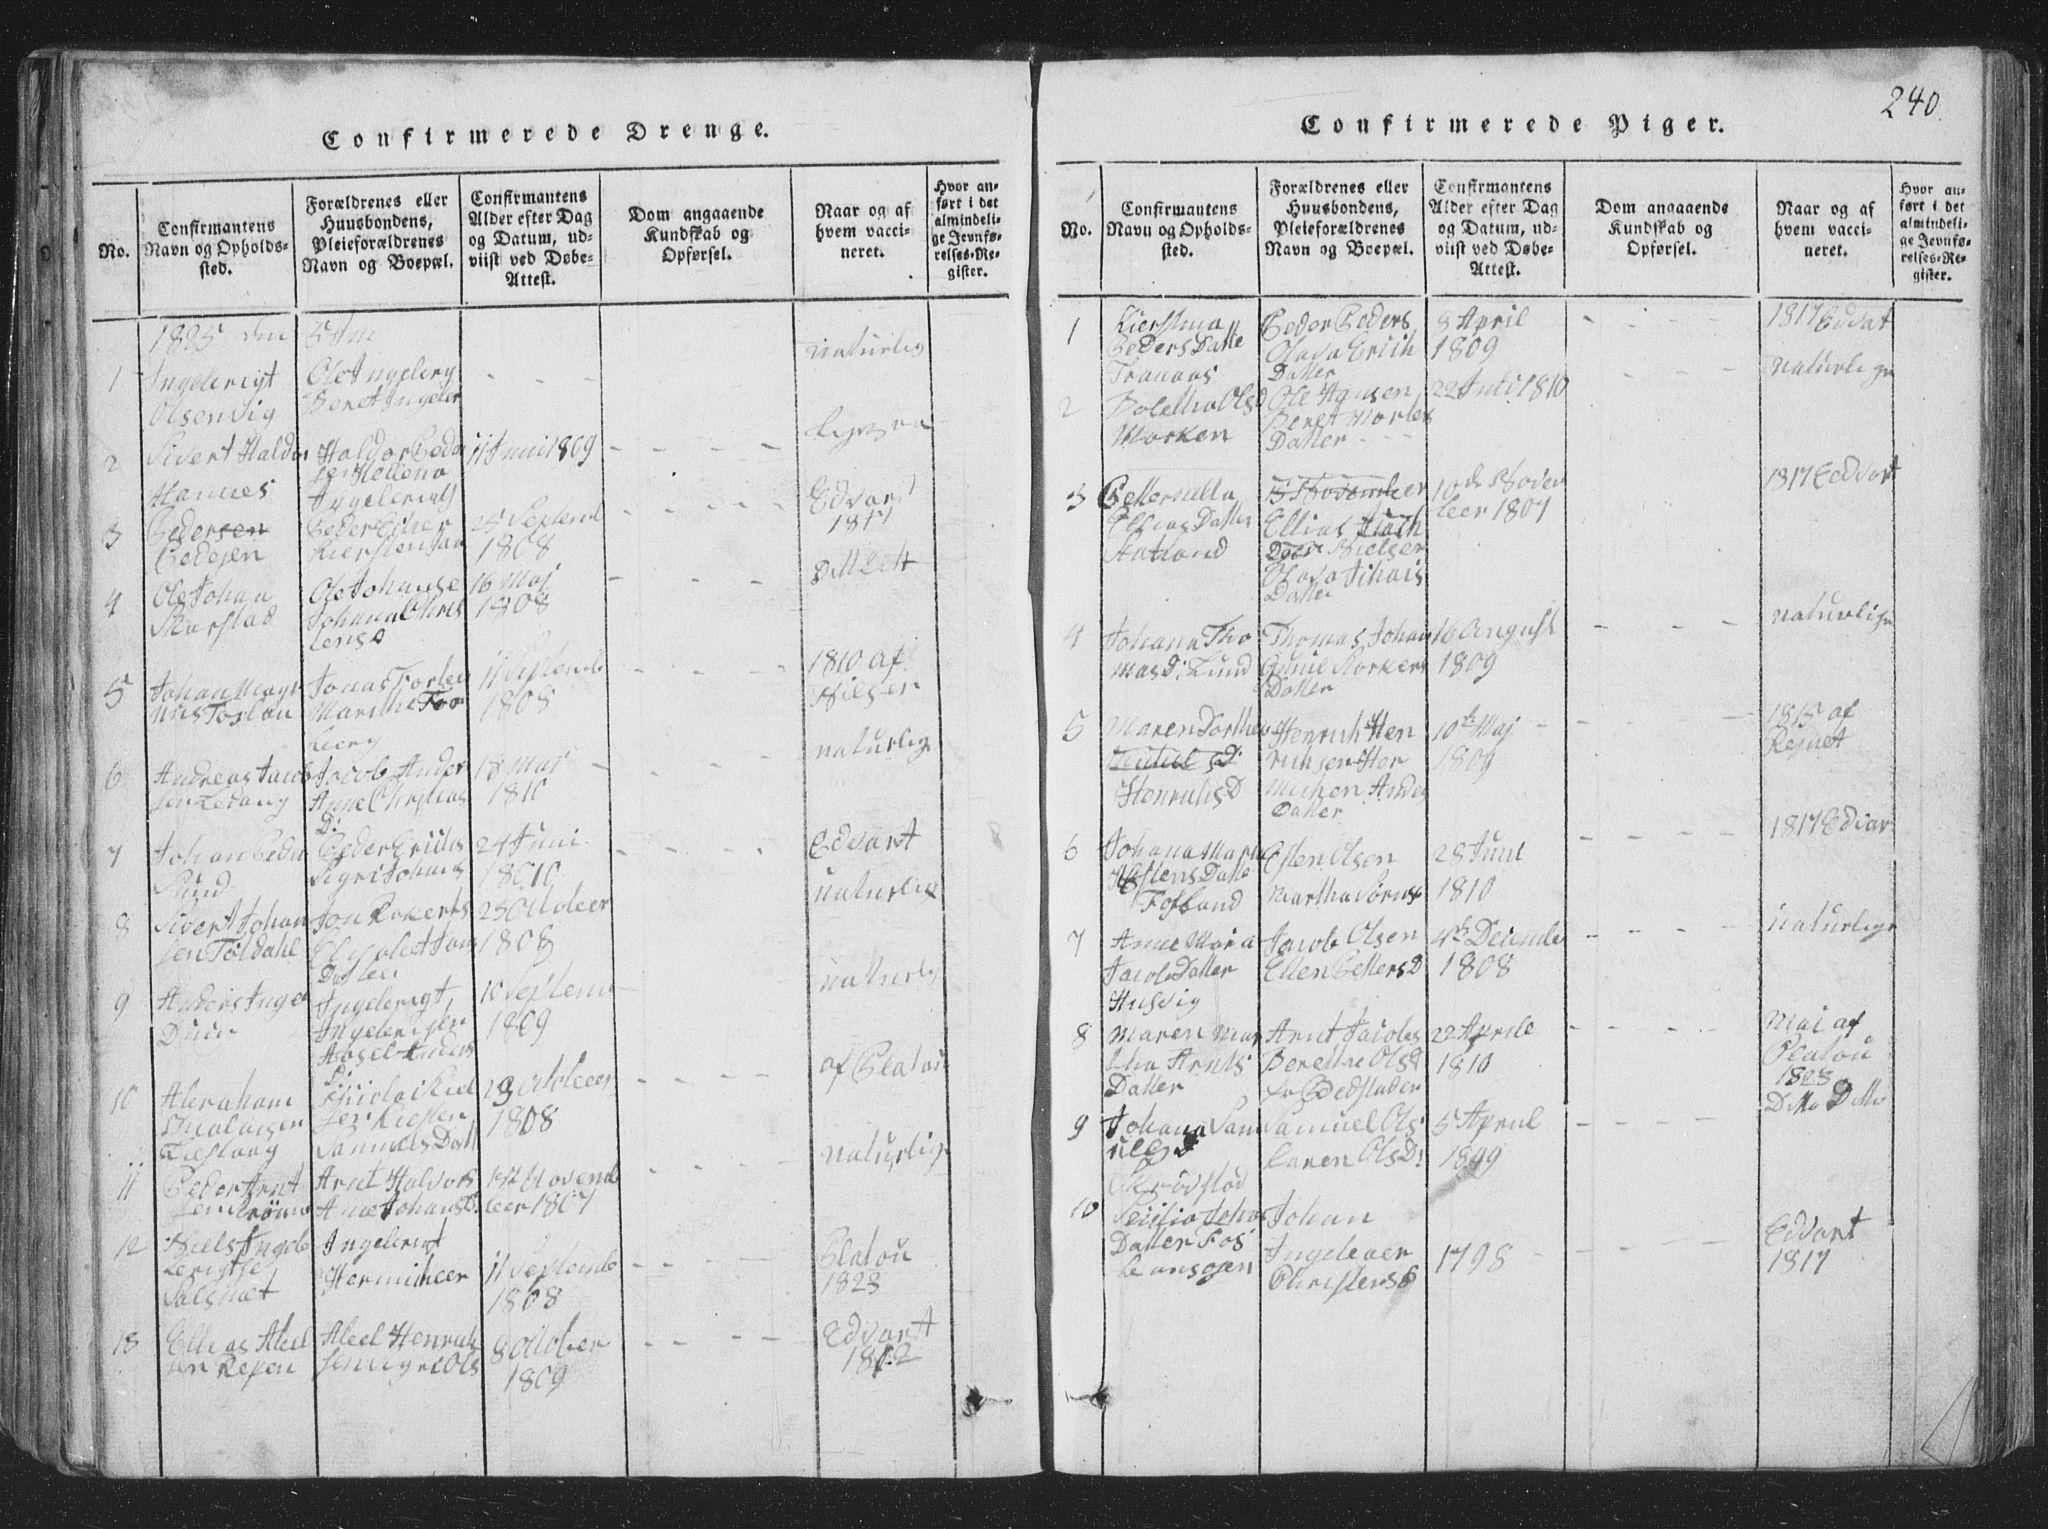 SAT, Ministerialprotokoller, klokkerbøker og fødselsregistre - Nord-Trøndelag, 773/L0613: Ministerialbok nr. 773A04, 1815-1845, s. 240